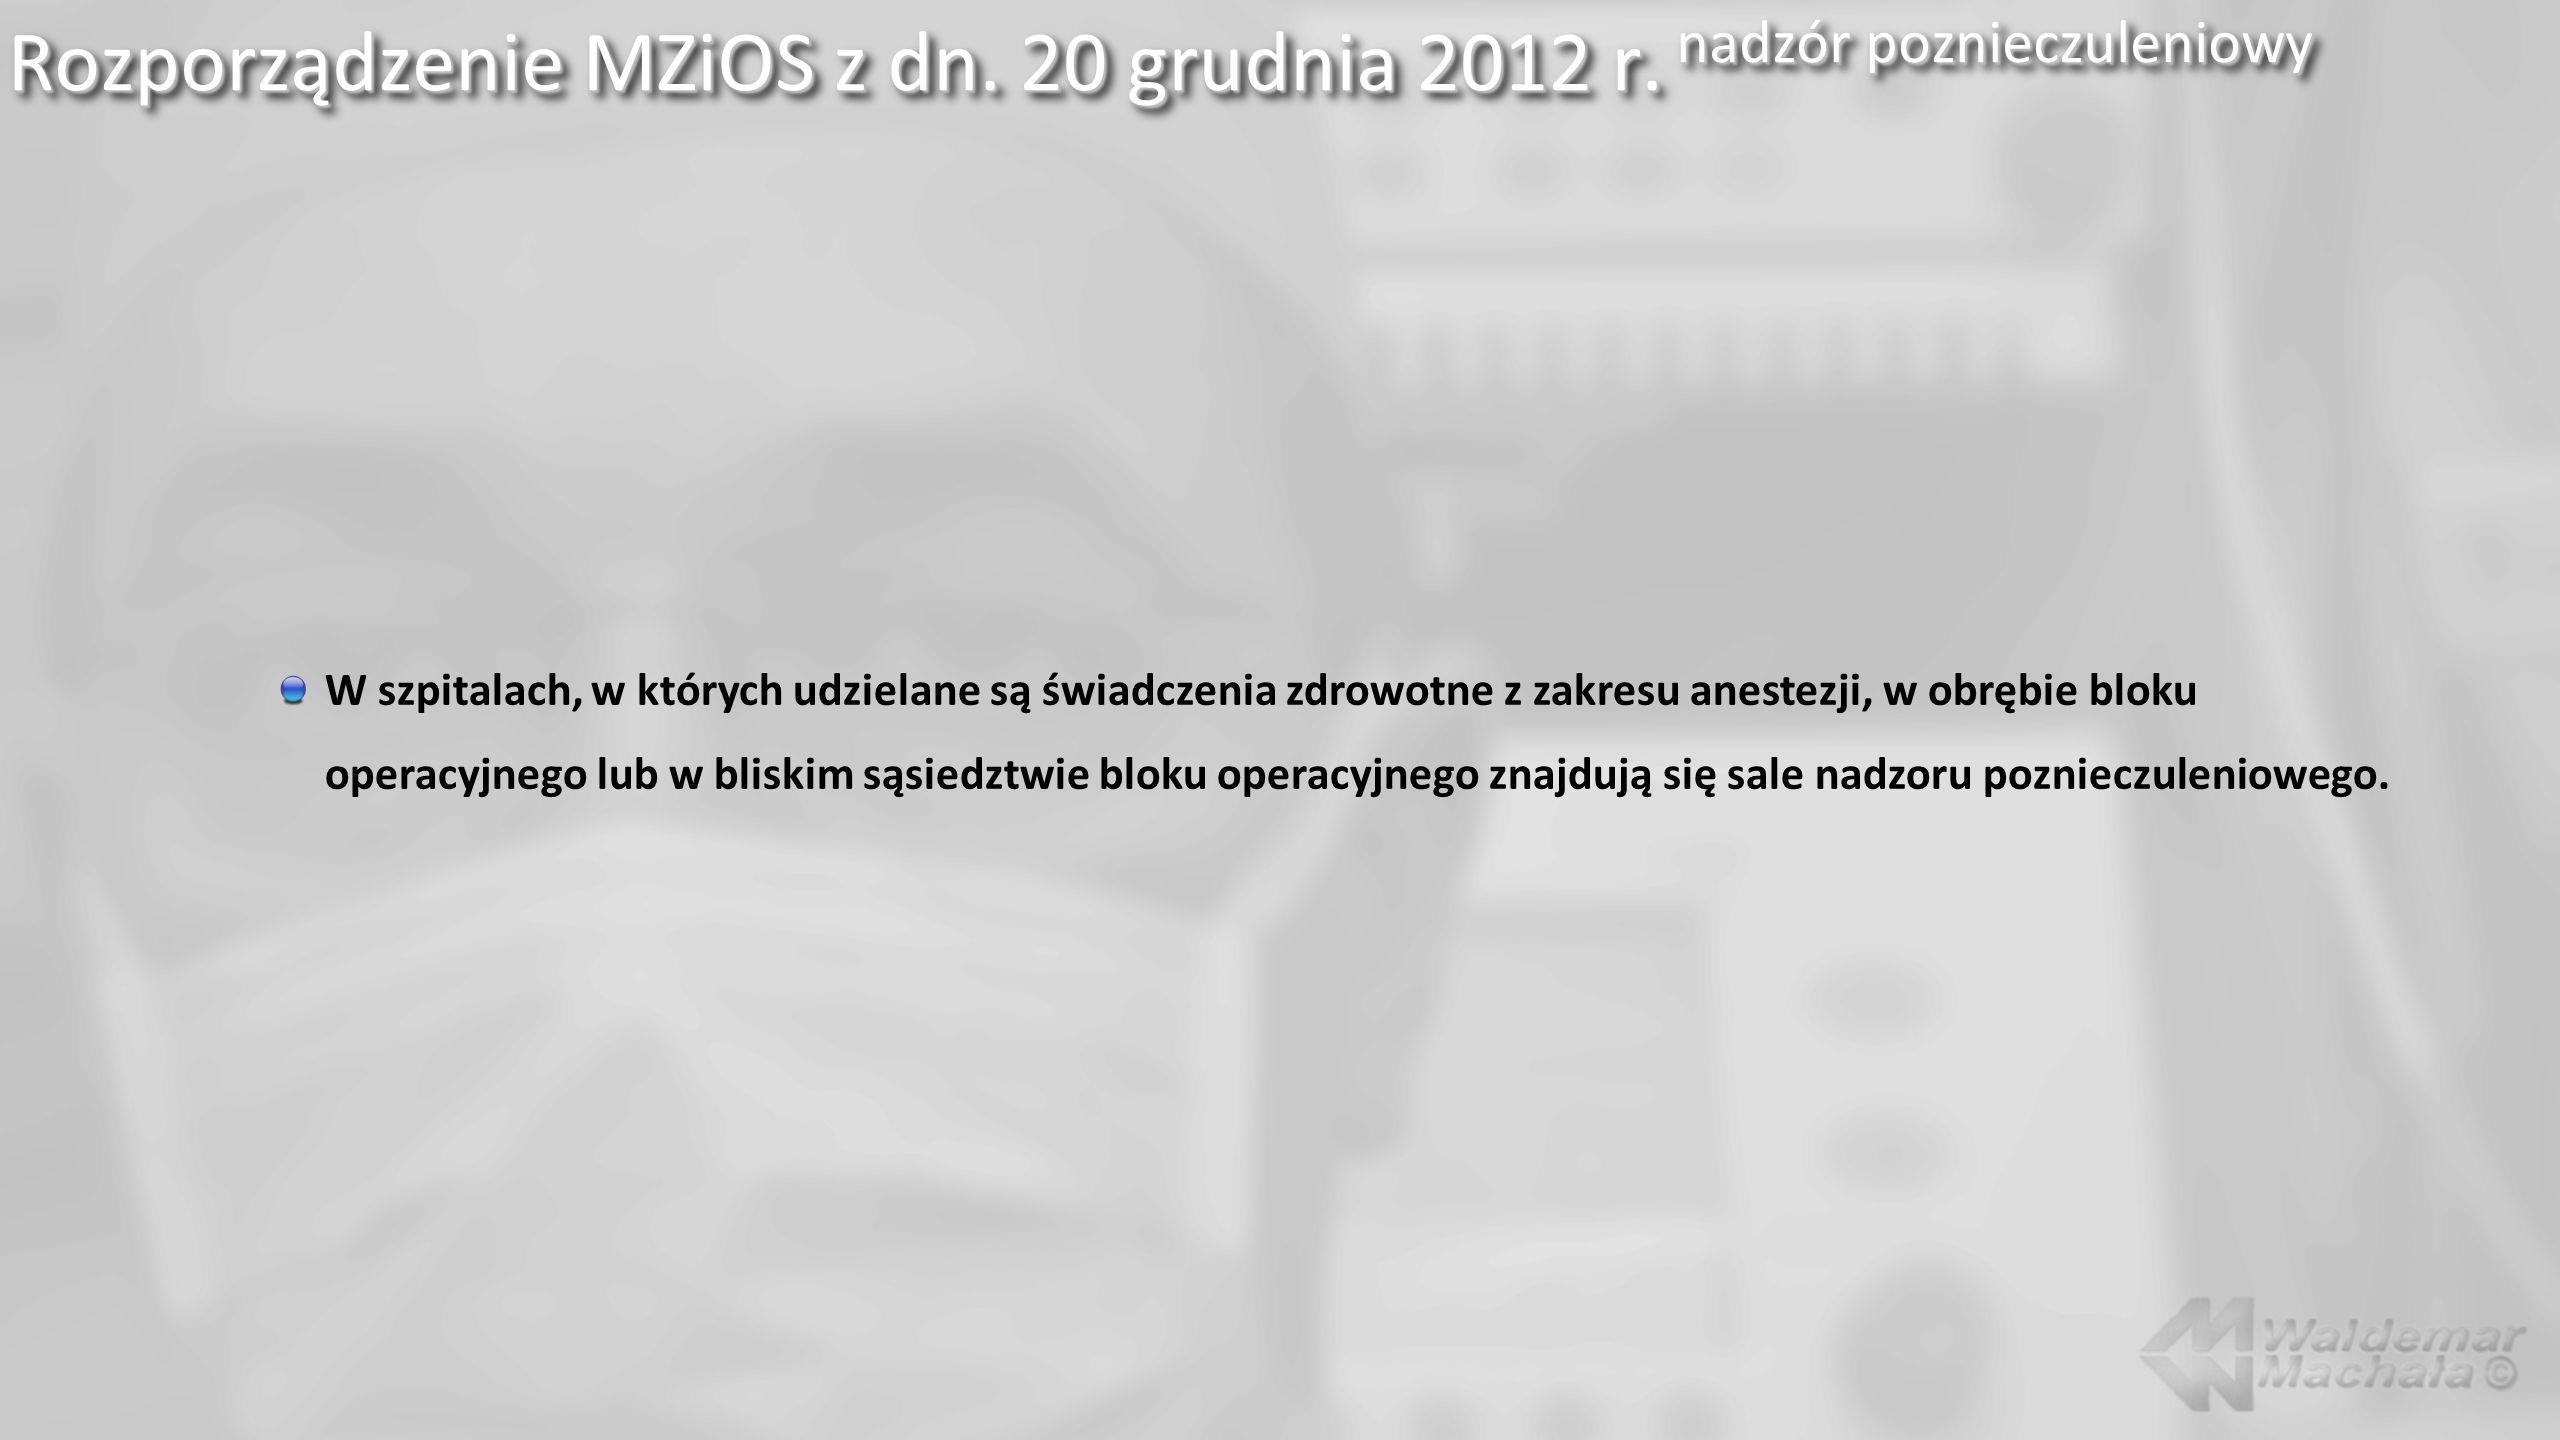 Rozporządzenie MZiOS z dn. 20 grudnia 2012 r. nadzór poznieczuleniowy W szpitalach, w których udzielane są świadczenia zdrowotne z zakresu anestezji,